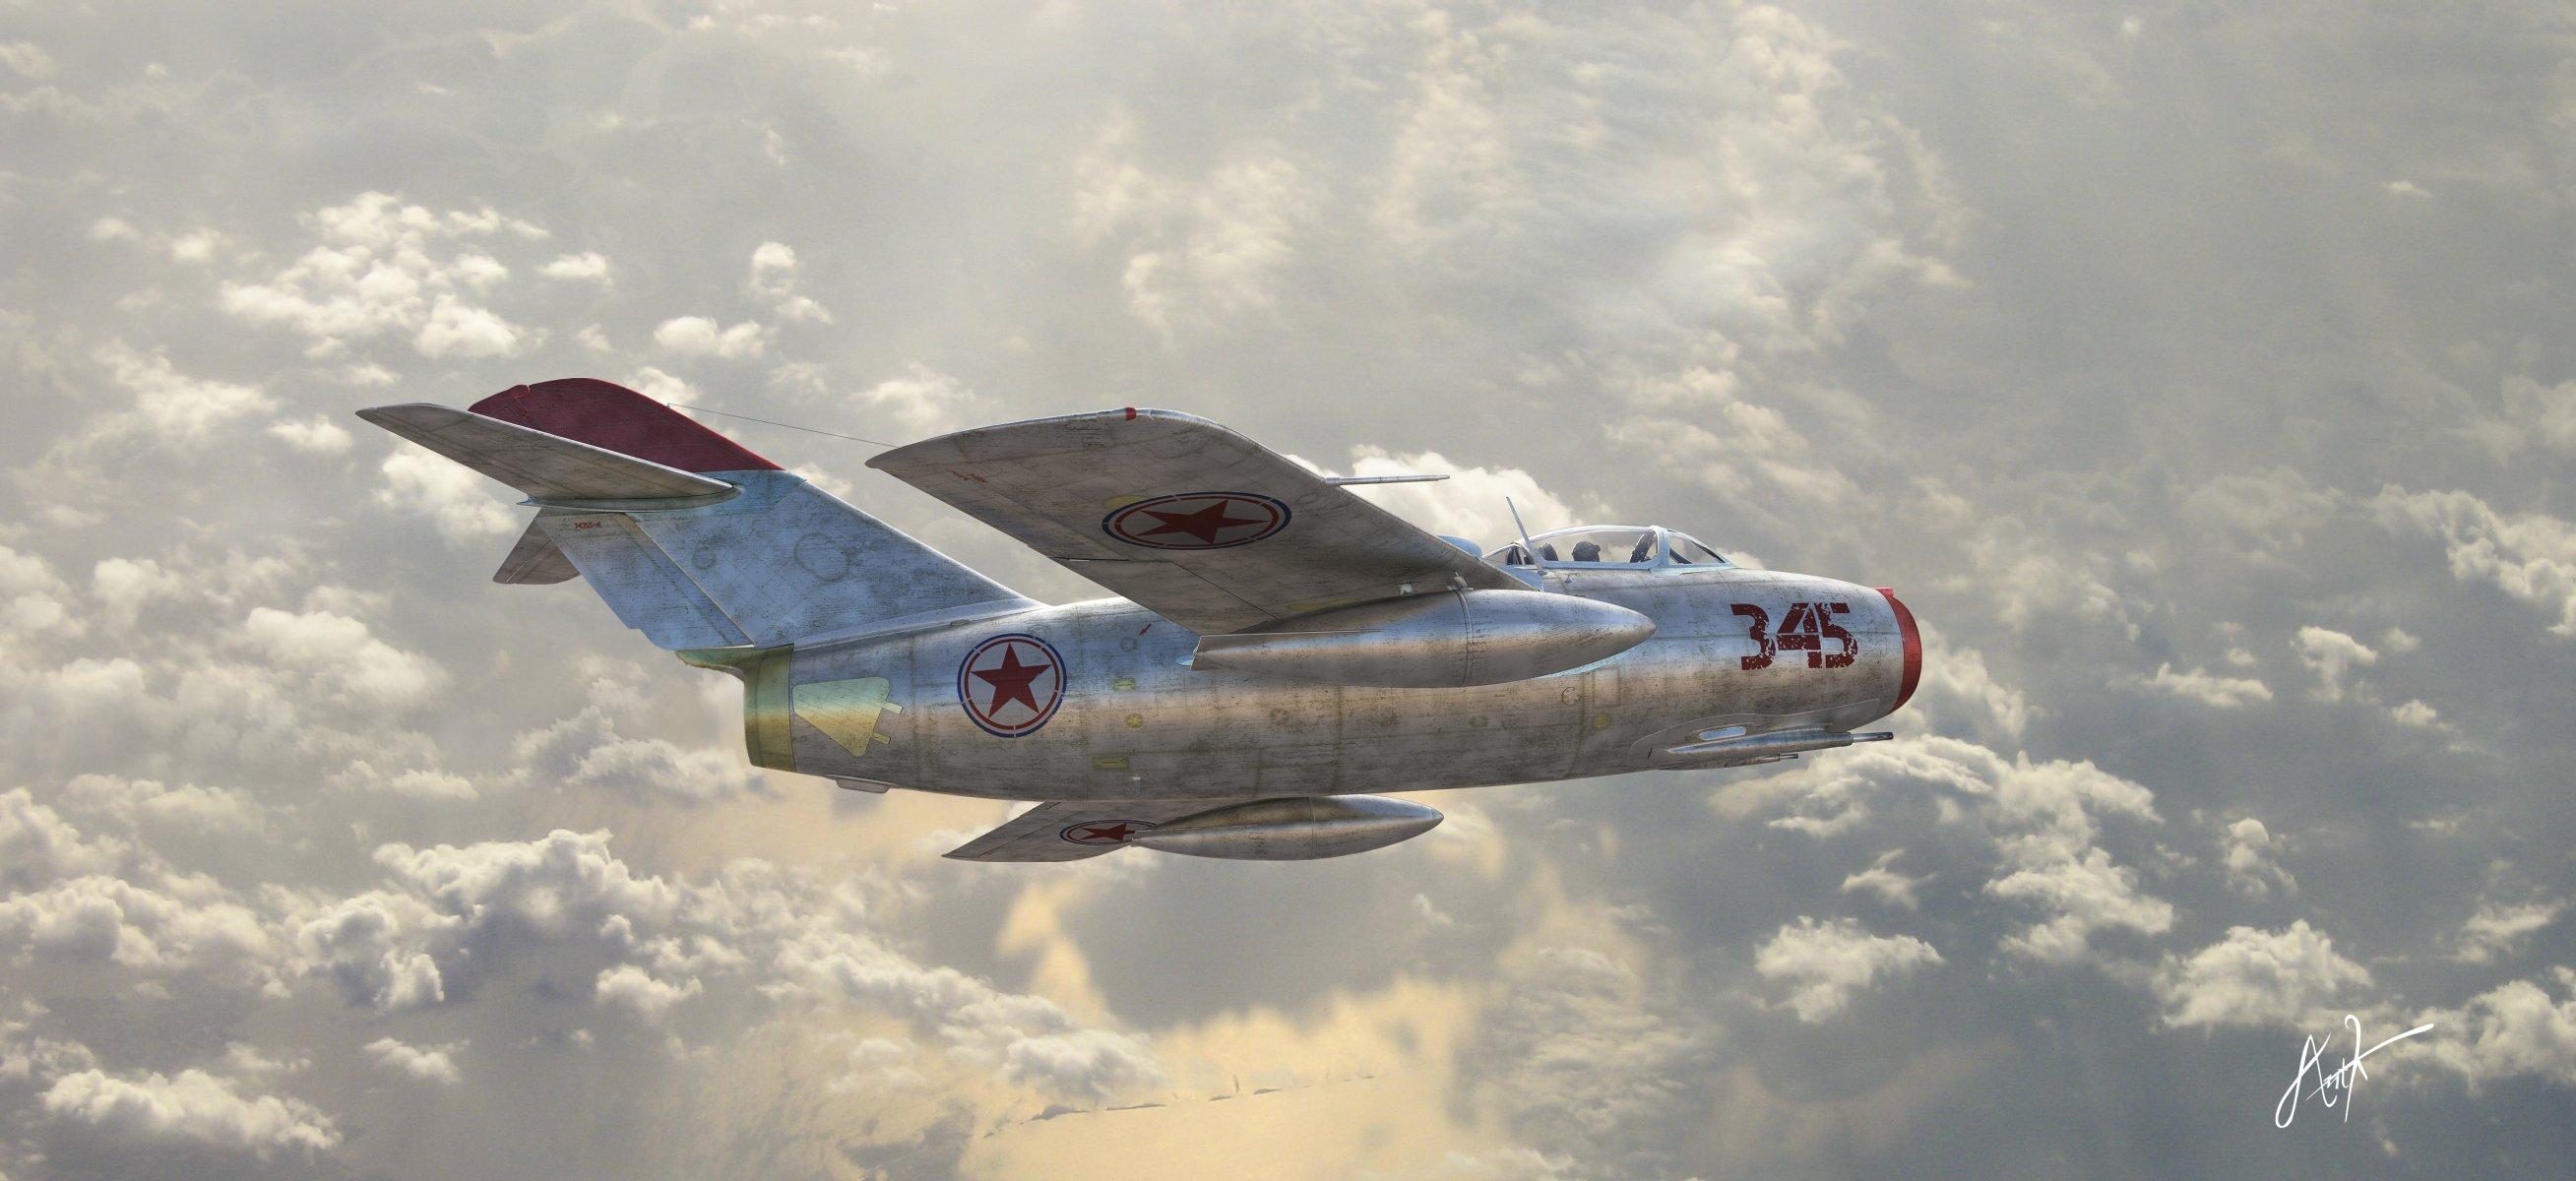 Операция «Бабло» :  как американцы получили первый образец секретного самолета СССР МИГ-15.